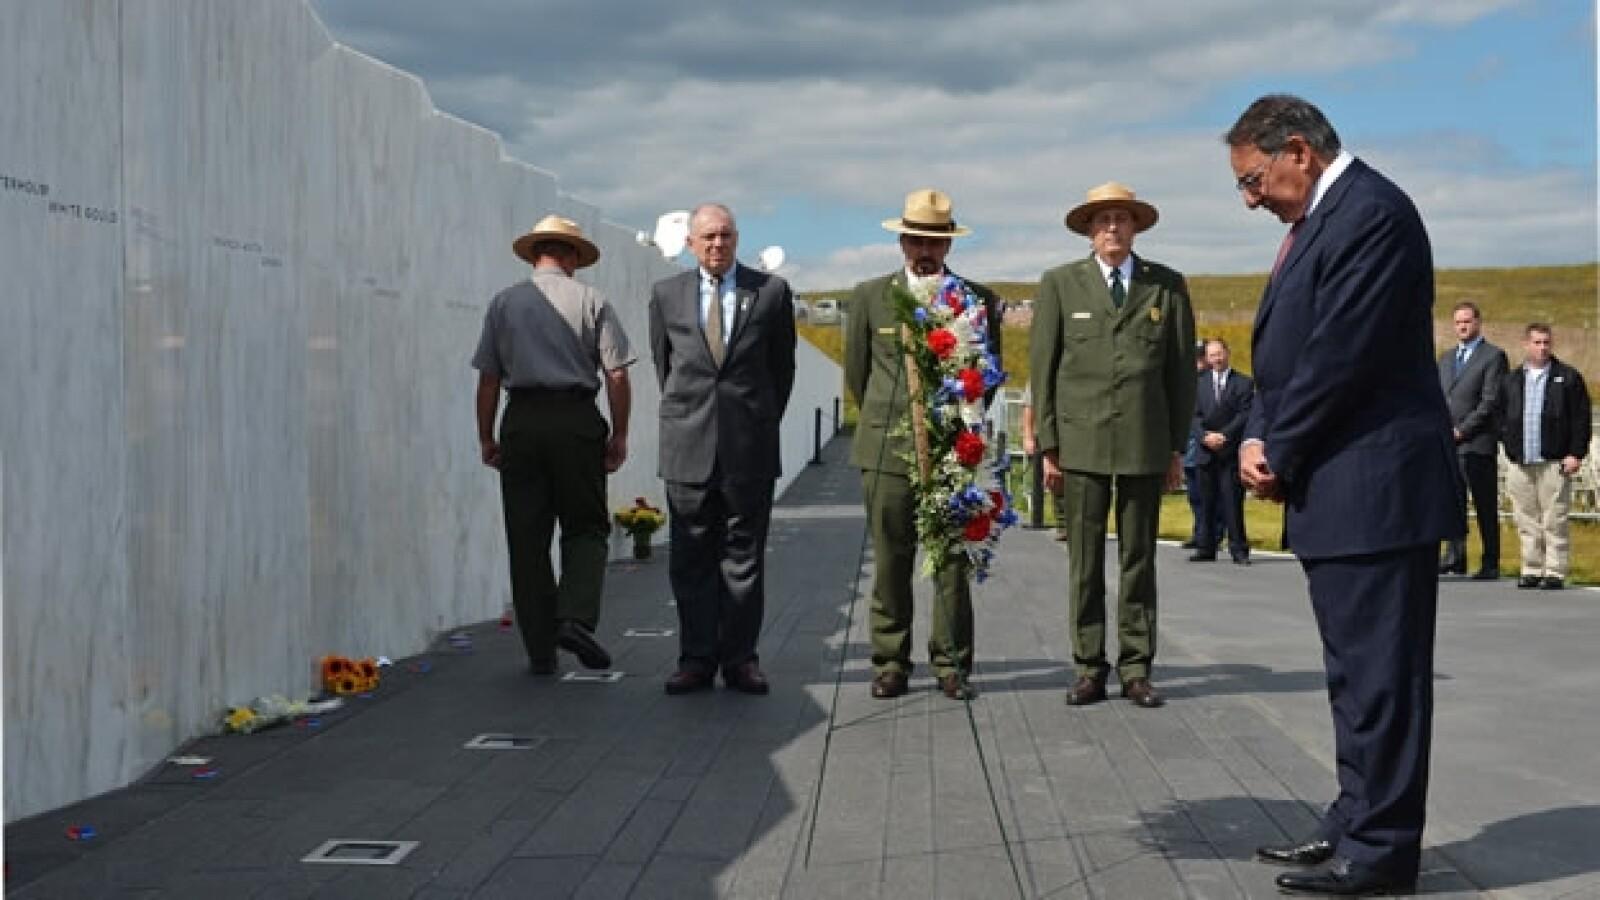 Leon Panetta dirige un homenaje en el memorial a las victimas del 11S en Pennsylvania